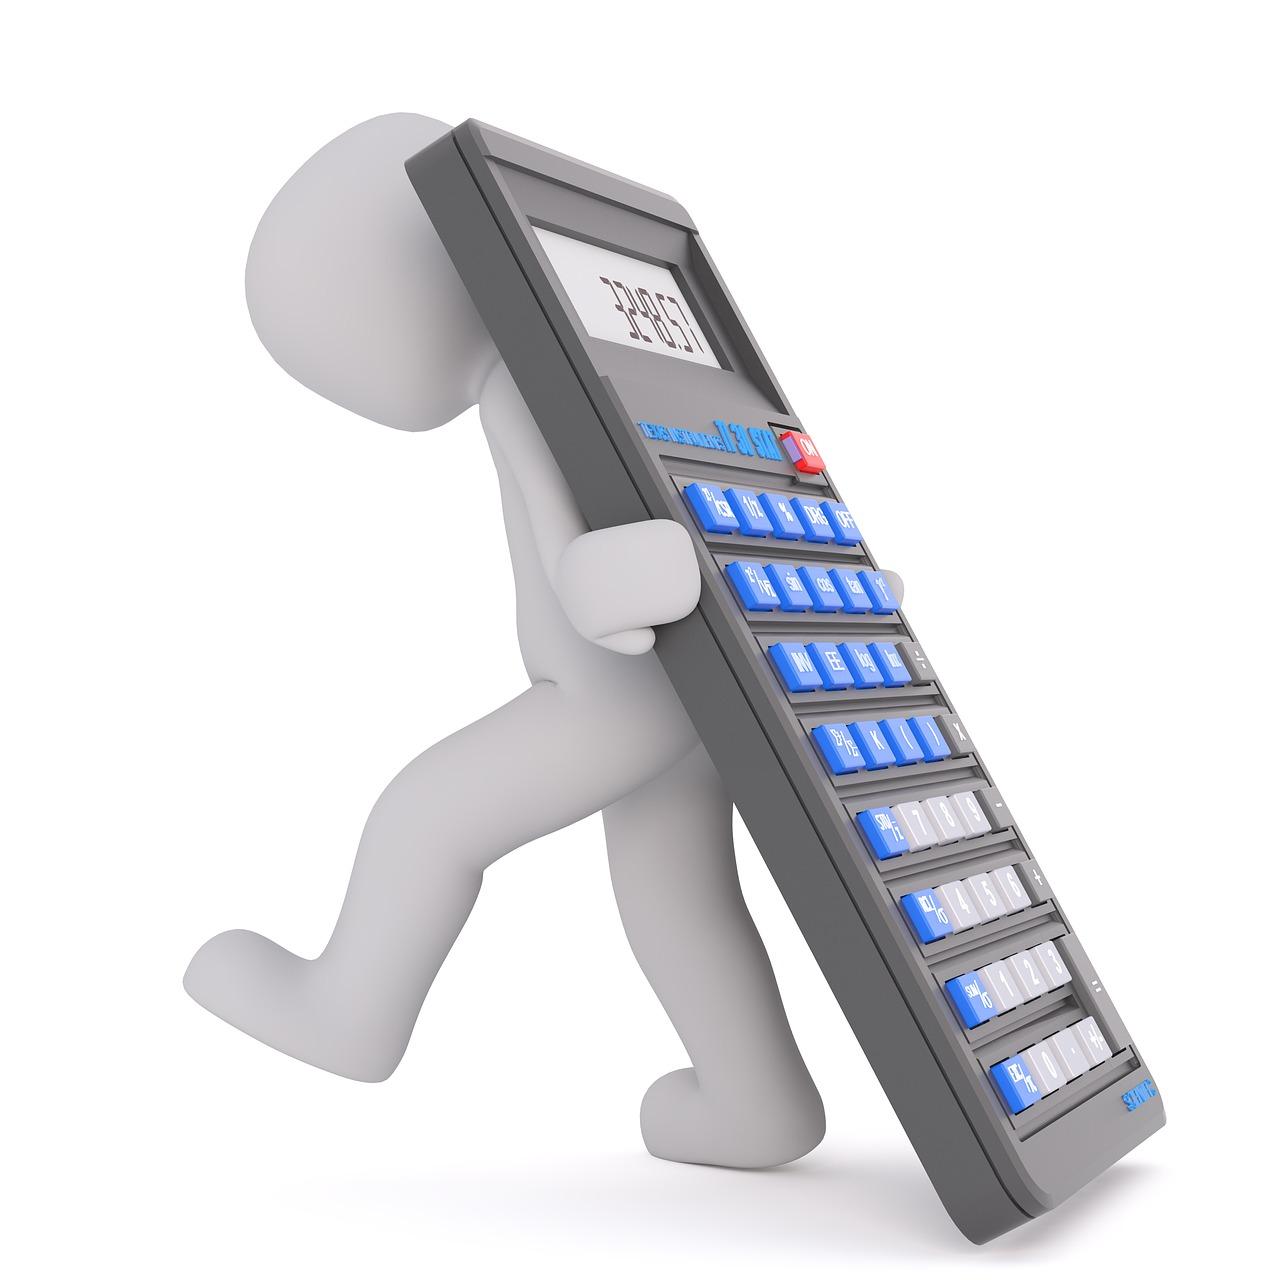 選擇即批貸款網上,高效解決燃眉之急